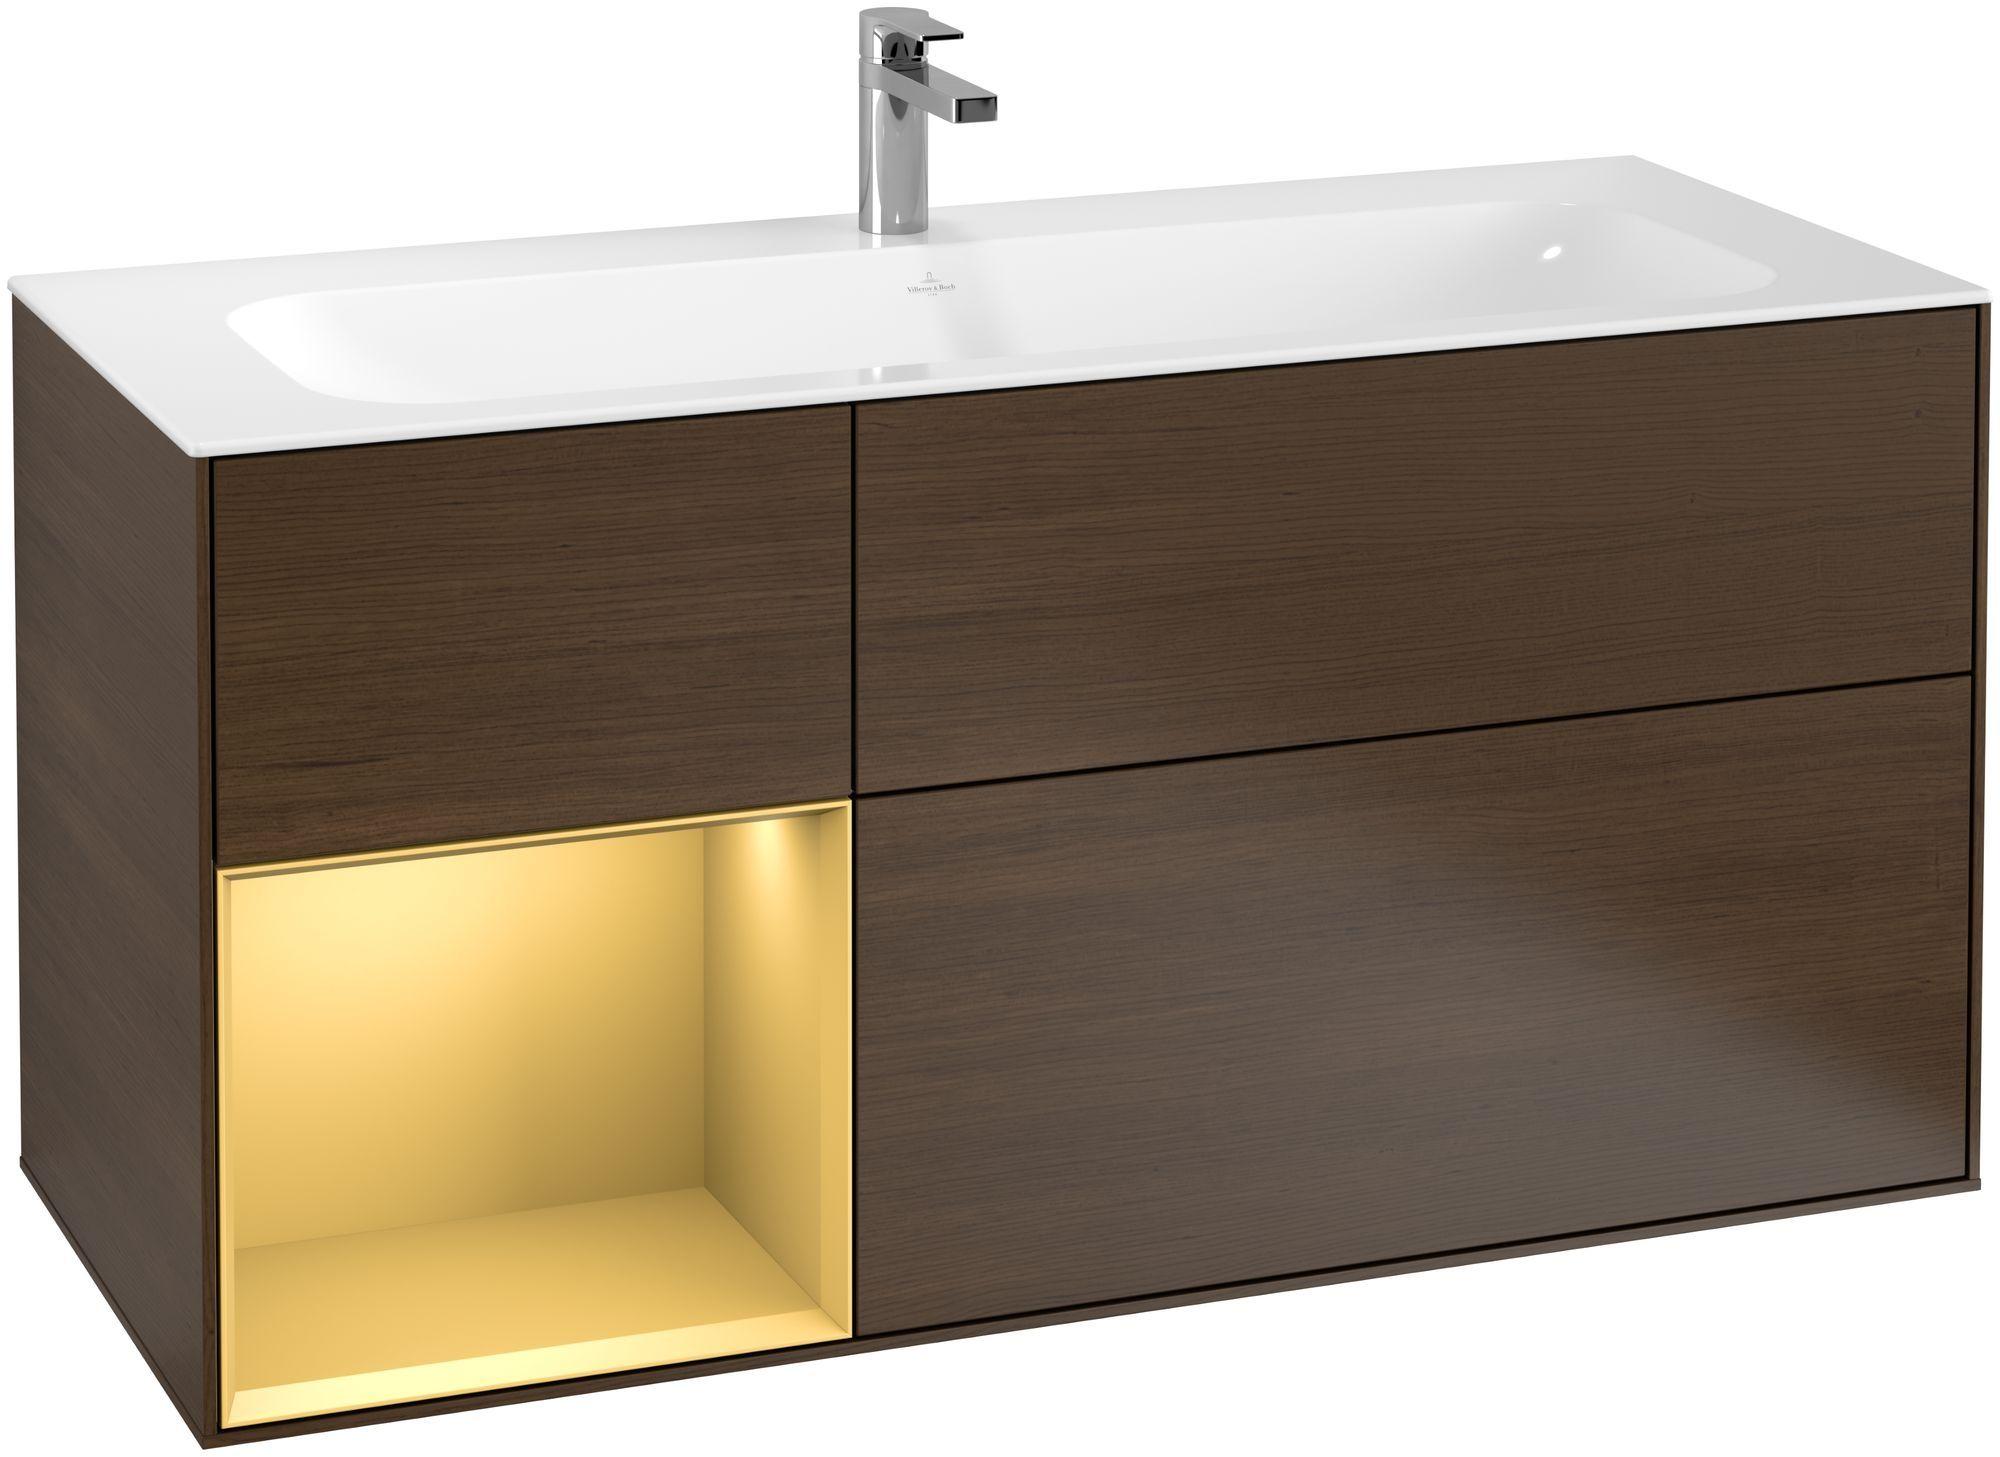 Villeroy & Boch Finion F06 Waschtischunterschrank mit Regalelement 3 Auszüge LED-Beleuchtung B:119,6xH:59,1xT:49,8cm Front, Korpus: Walnut Veneer, Regal: Gold Matt F060HFGN